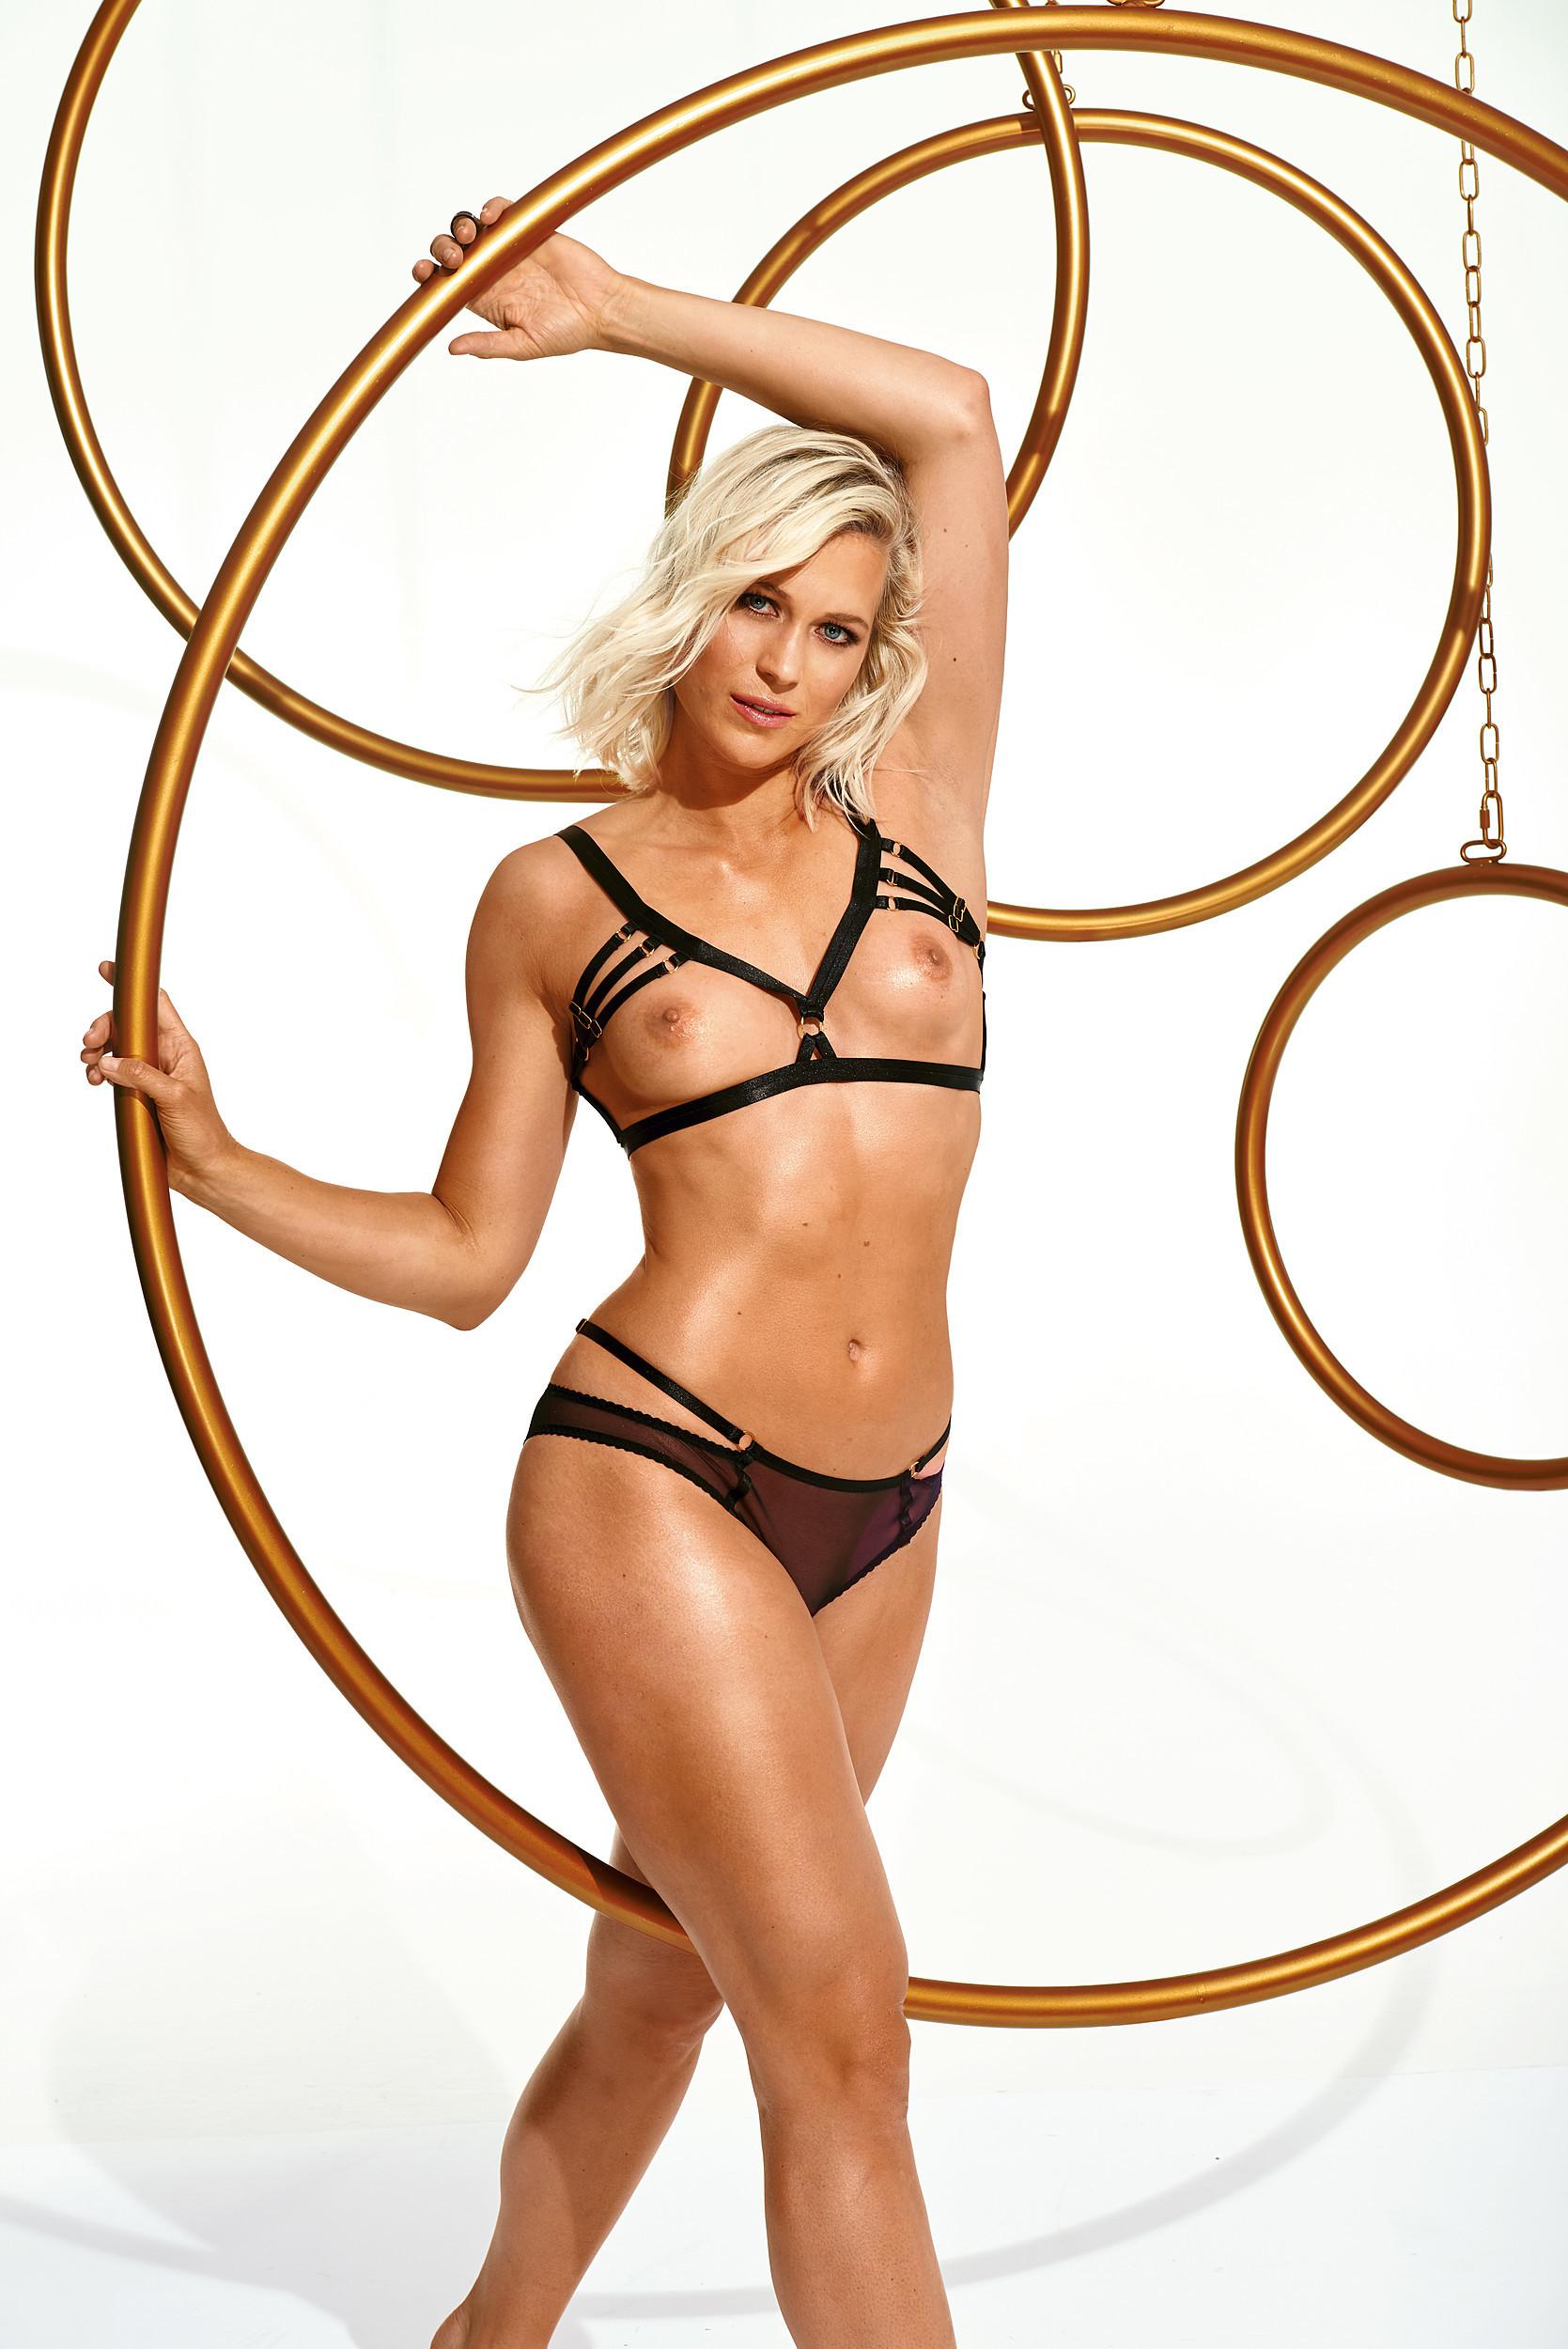 Голая грудь немецкой чемпионки по гребле Julia Lier